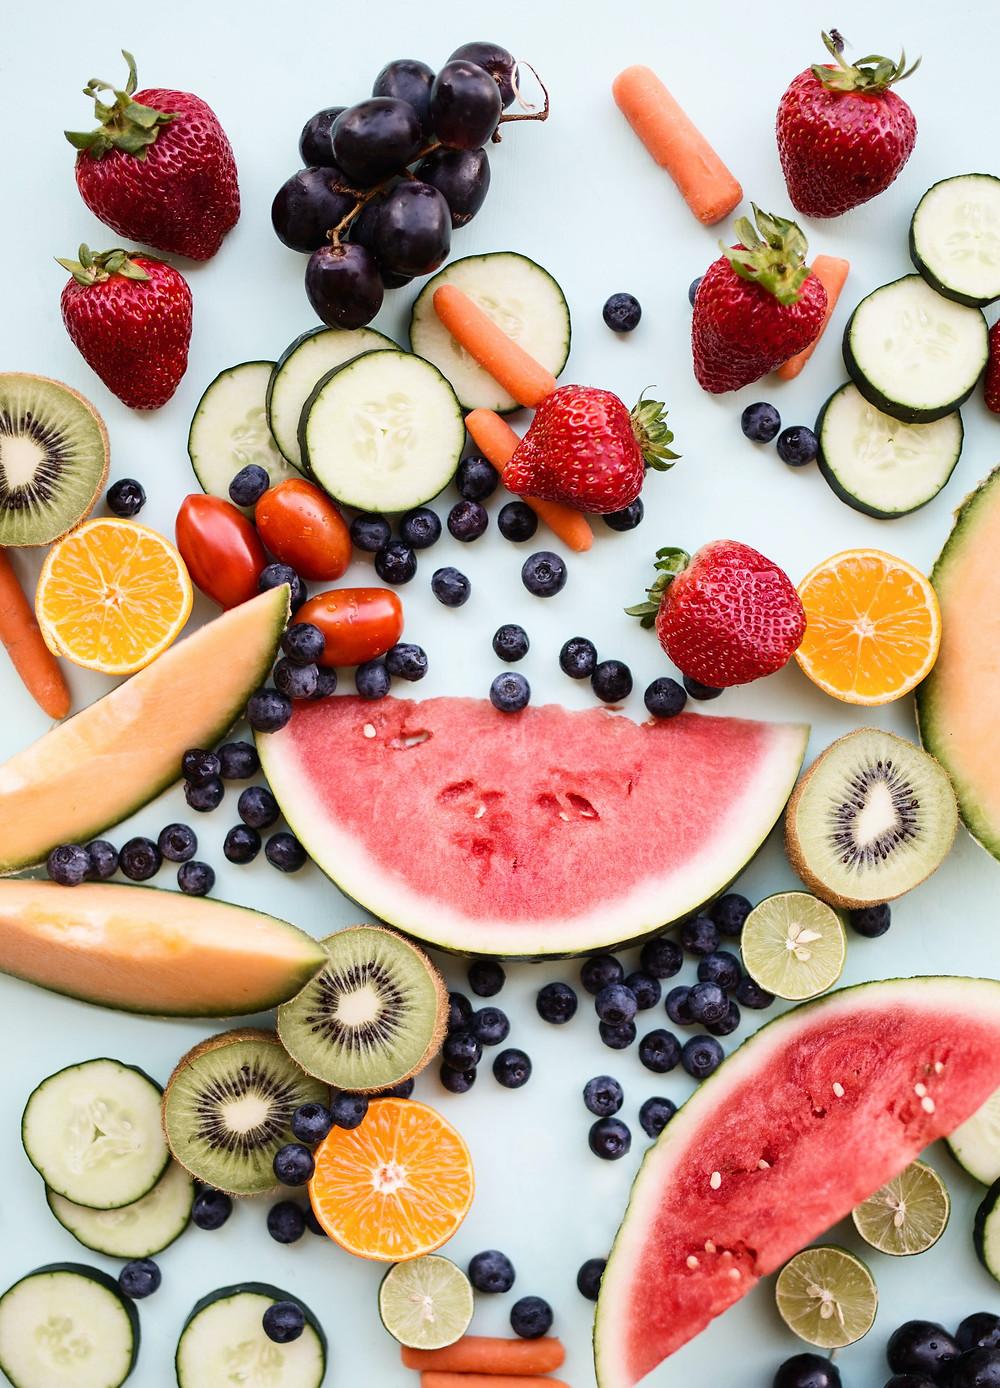 פירות וסוכרת